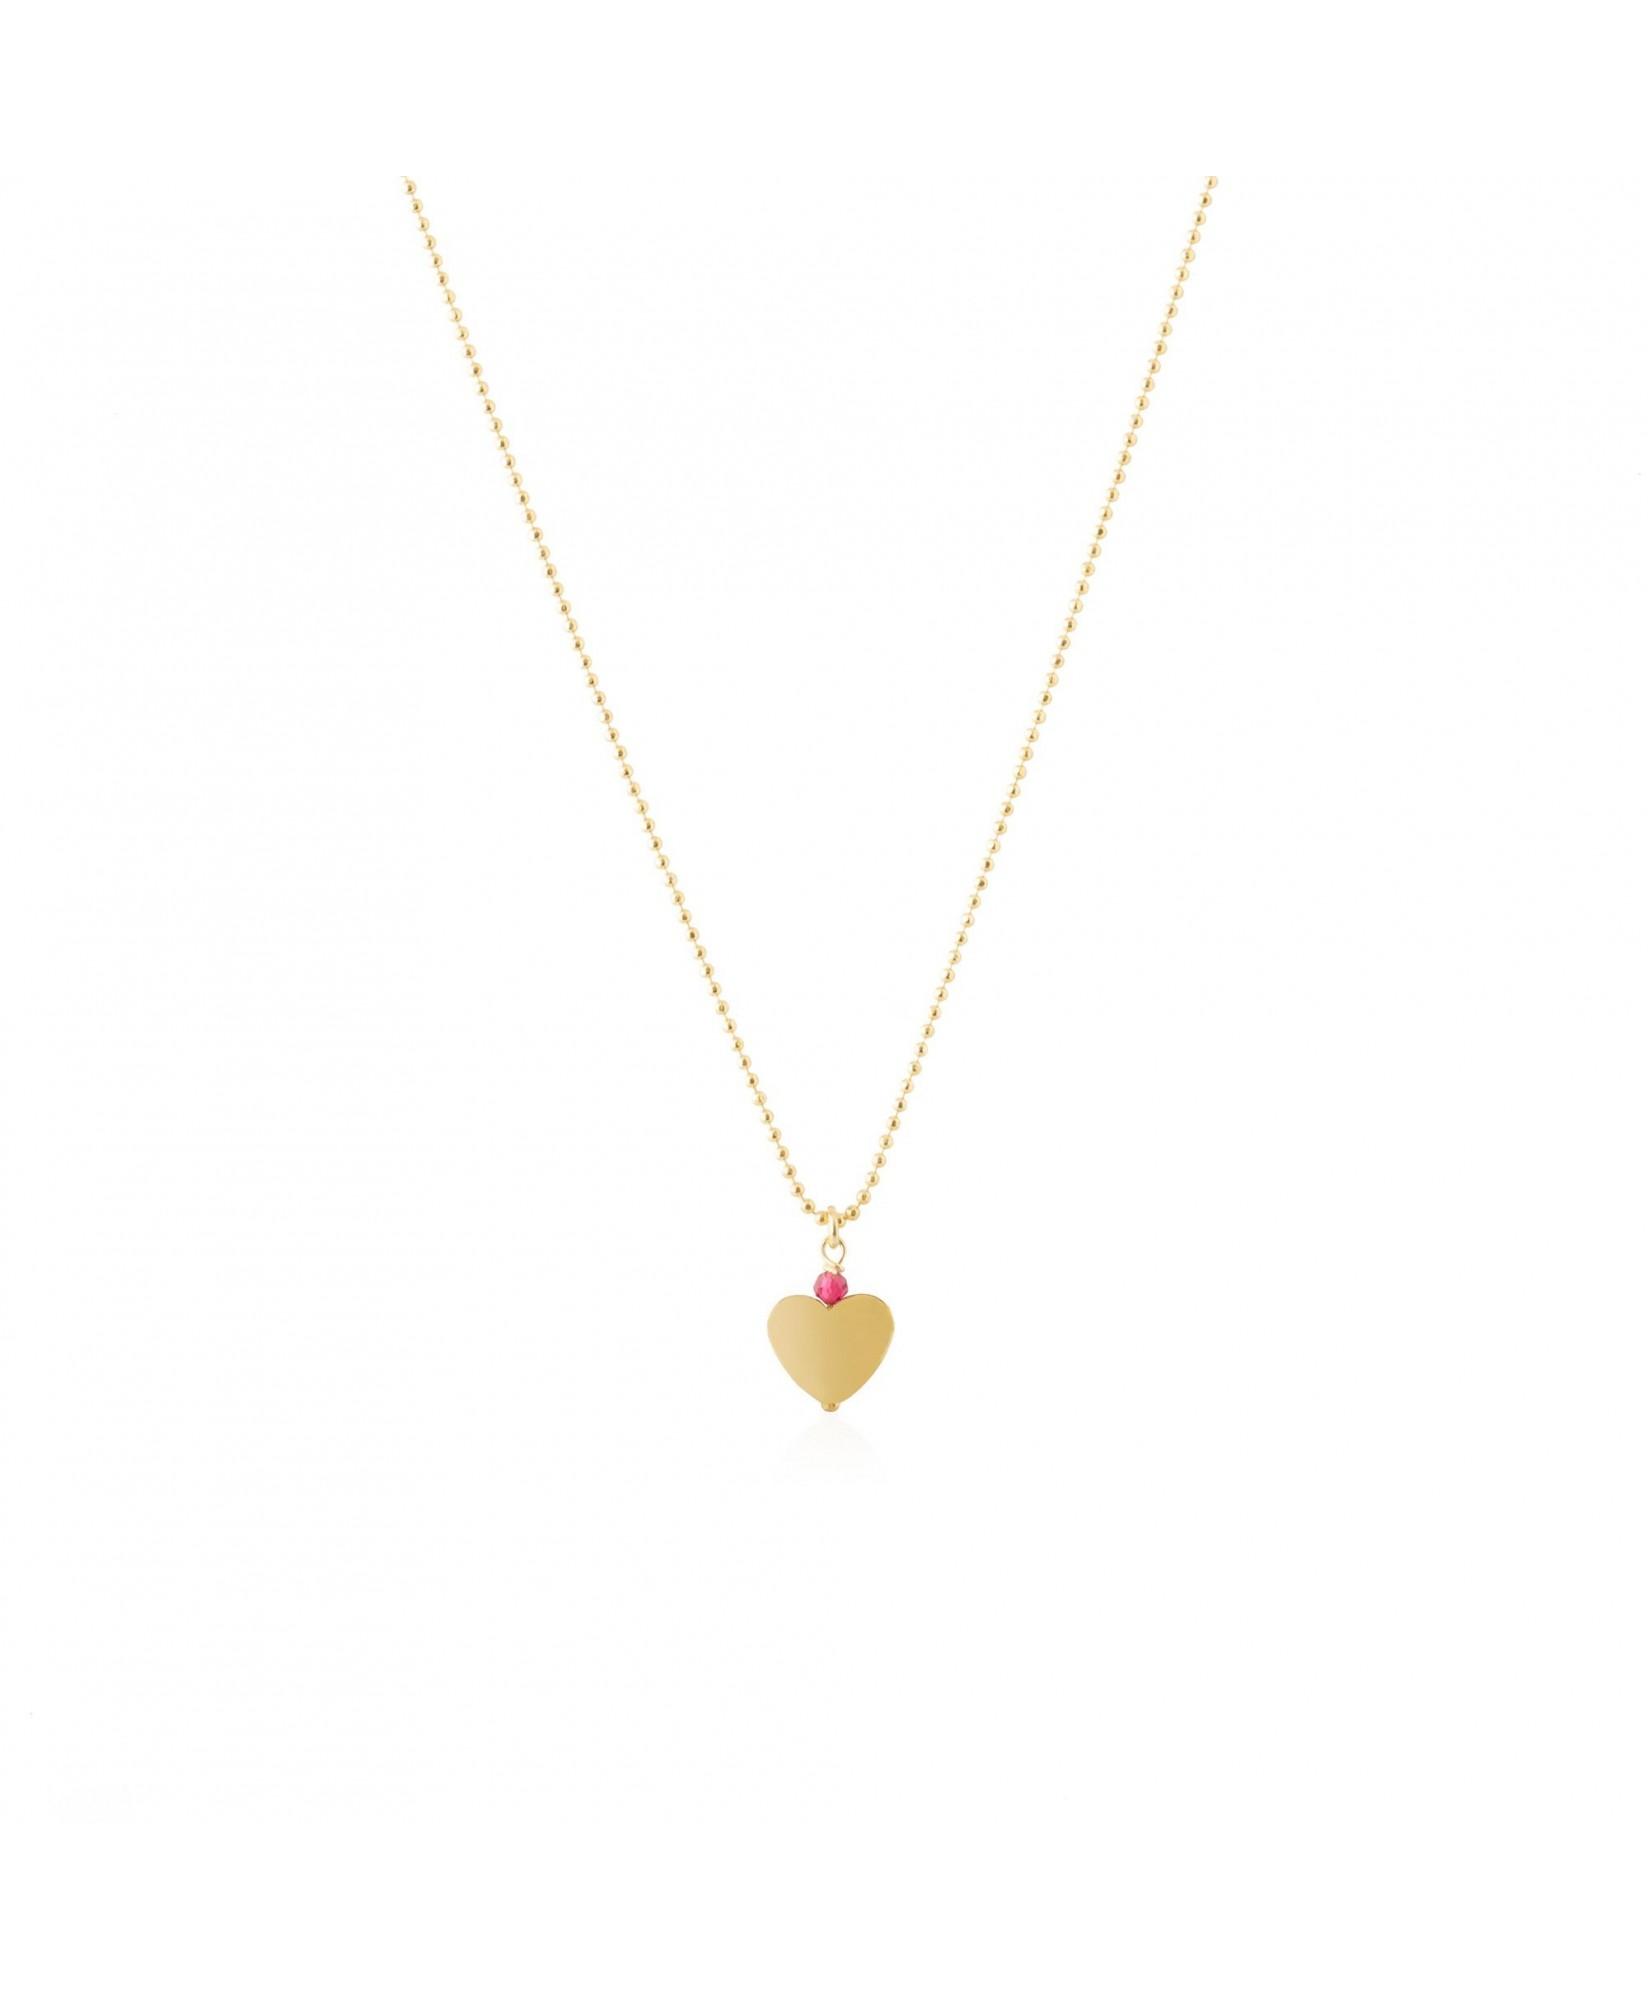 Gargantilla oro Luna con colgante de corazón y circonita fucsia Gargantilla oro Luna con colgante de corazón y circonita fucsia